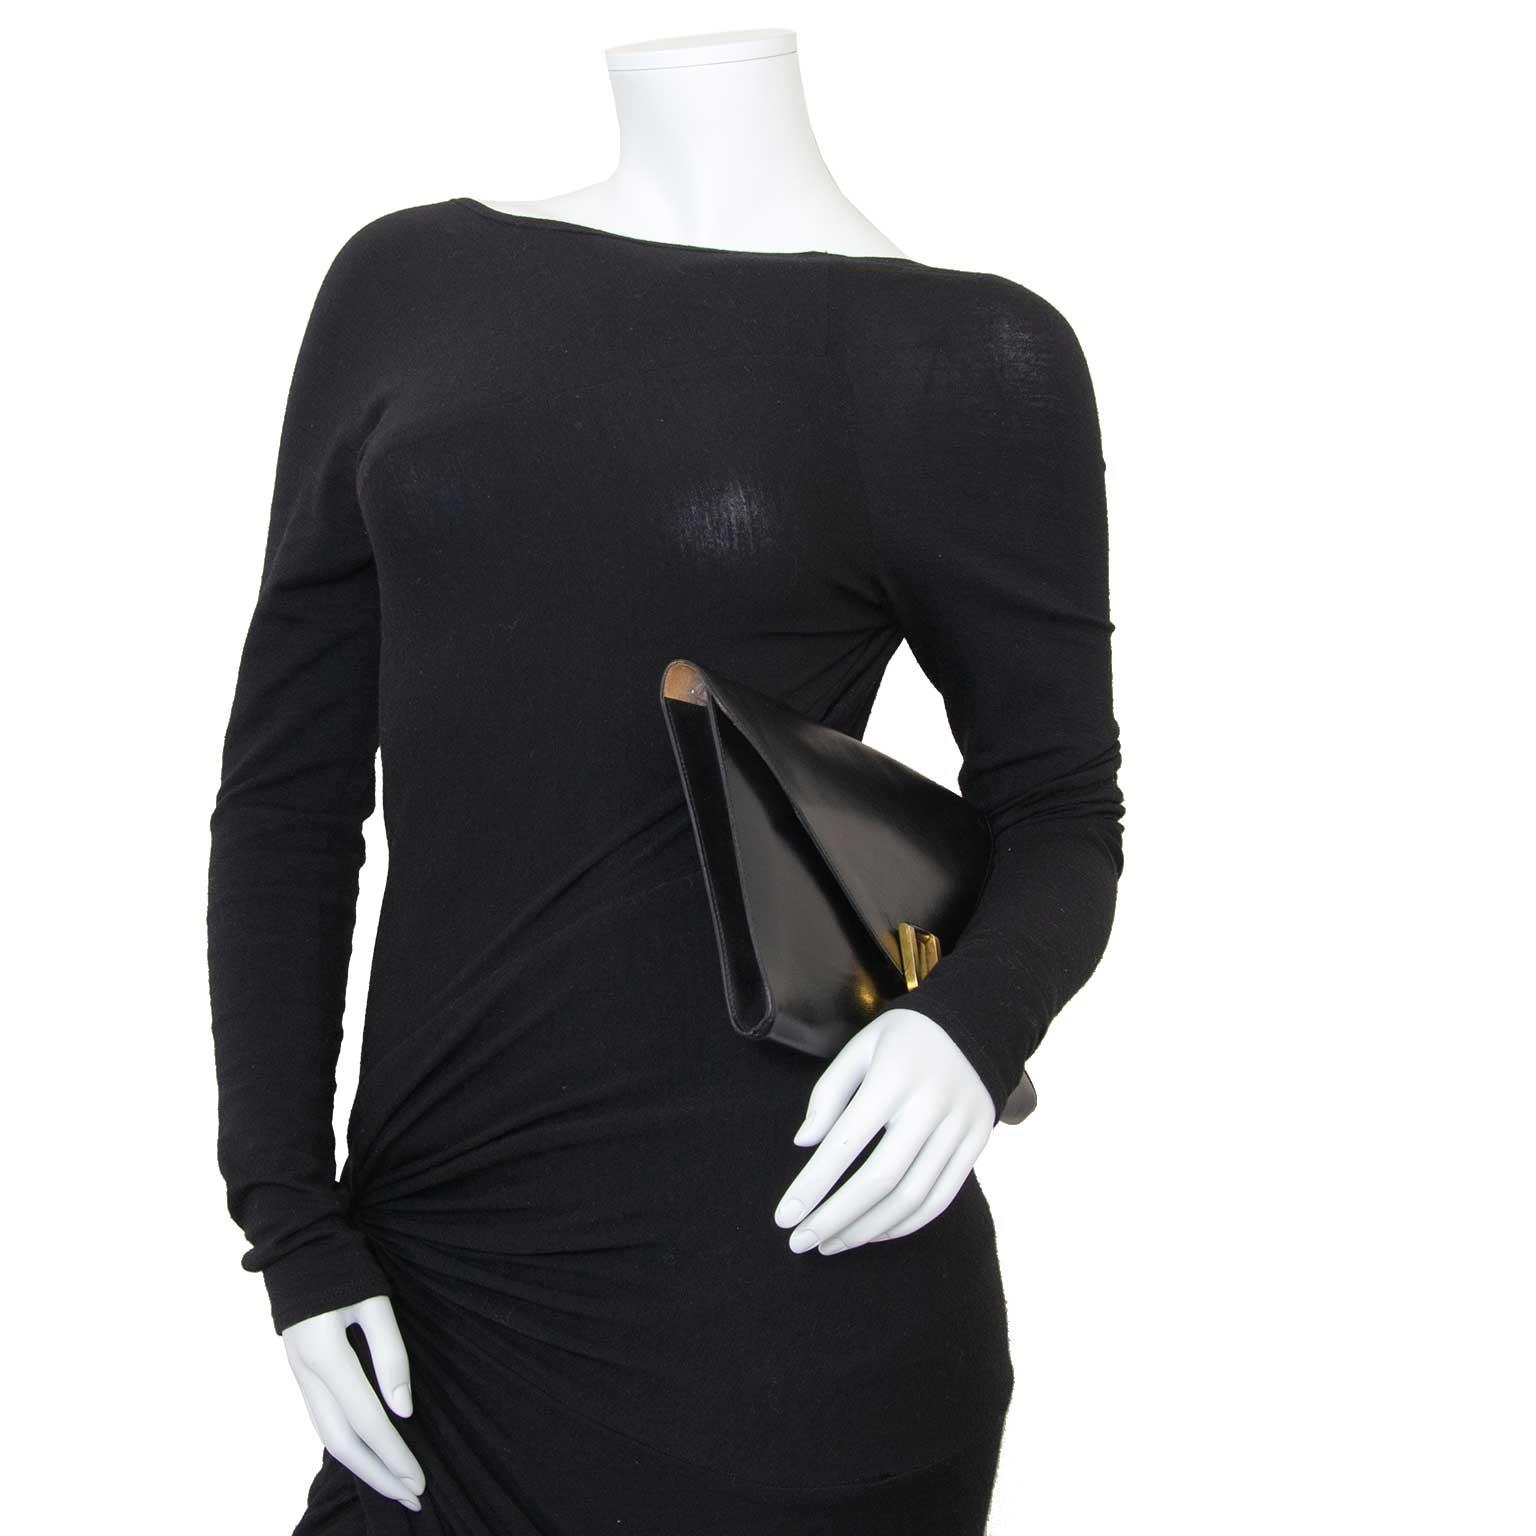 delvaux black clutch now for sale at labellov vintage fashion webshop belgium